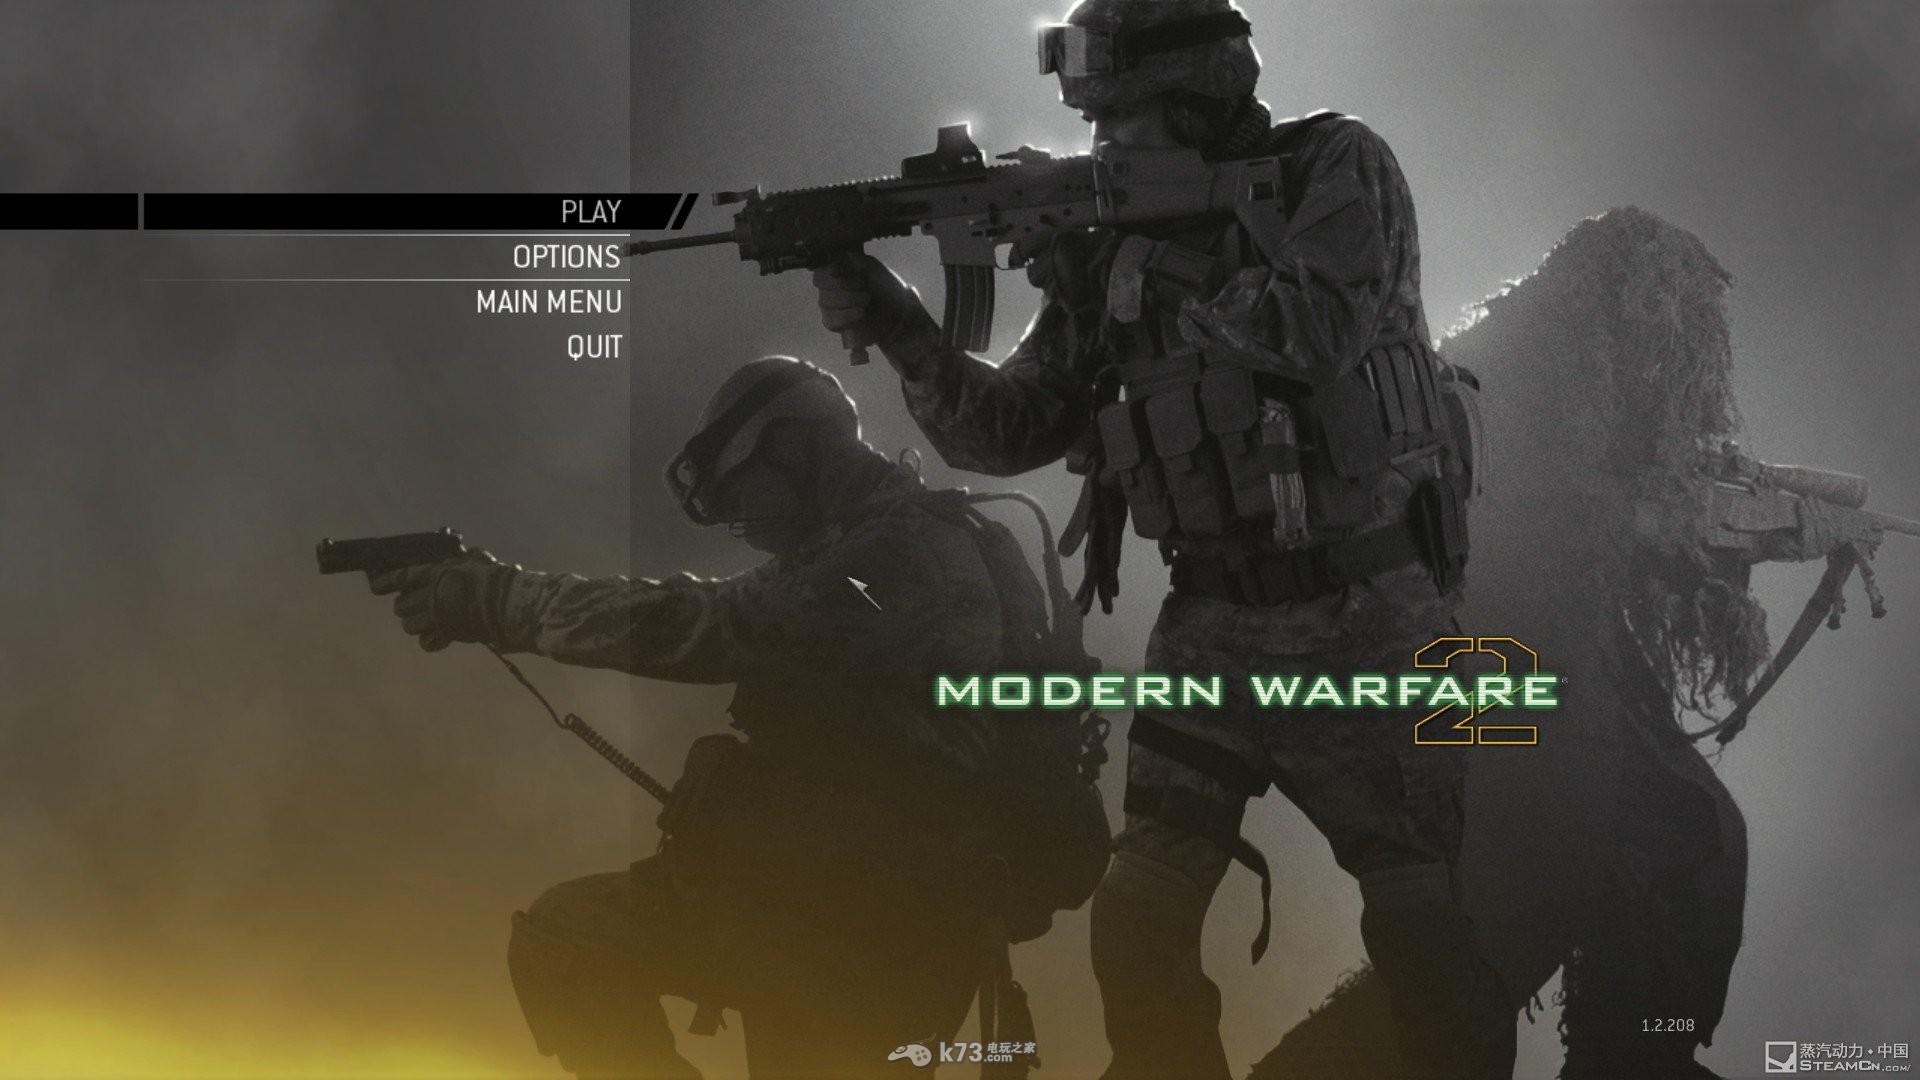 使命召喚: 現代戰爭2 —特別任務全明星攻略阿爾法分會